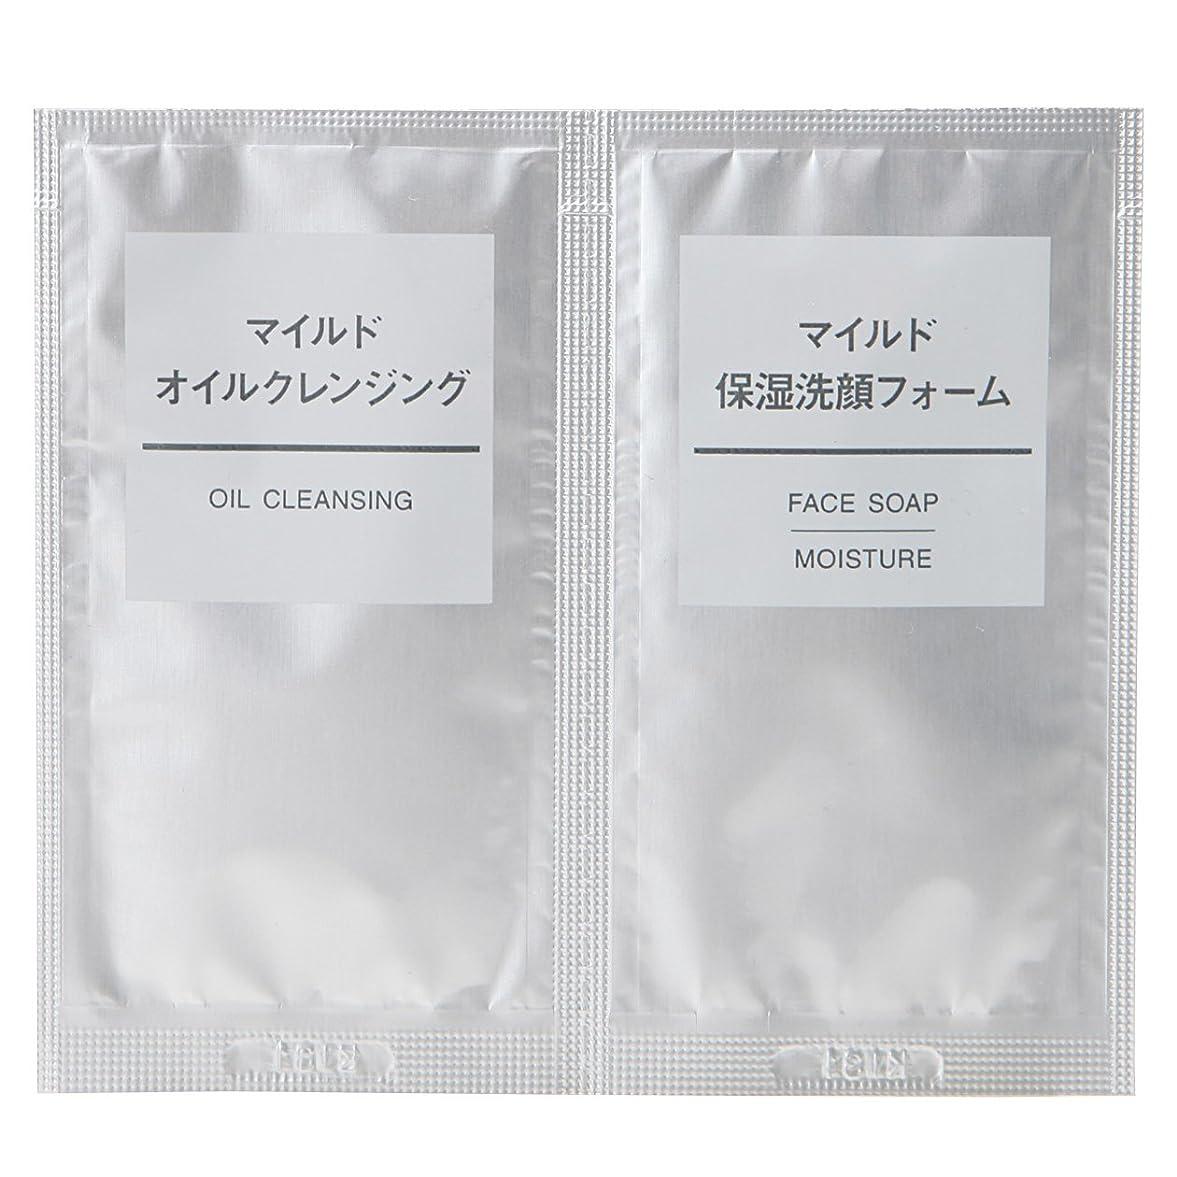 数値威する血色の良い無印良品 マイルドオイルクレンジング?マイルド保湿洗顔フォームセット 3ml?3g(1回分)